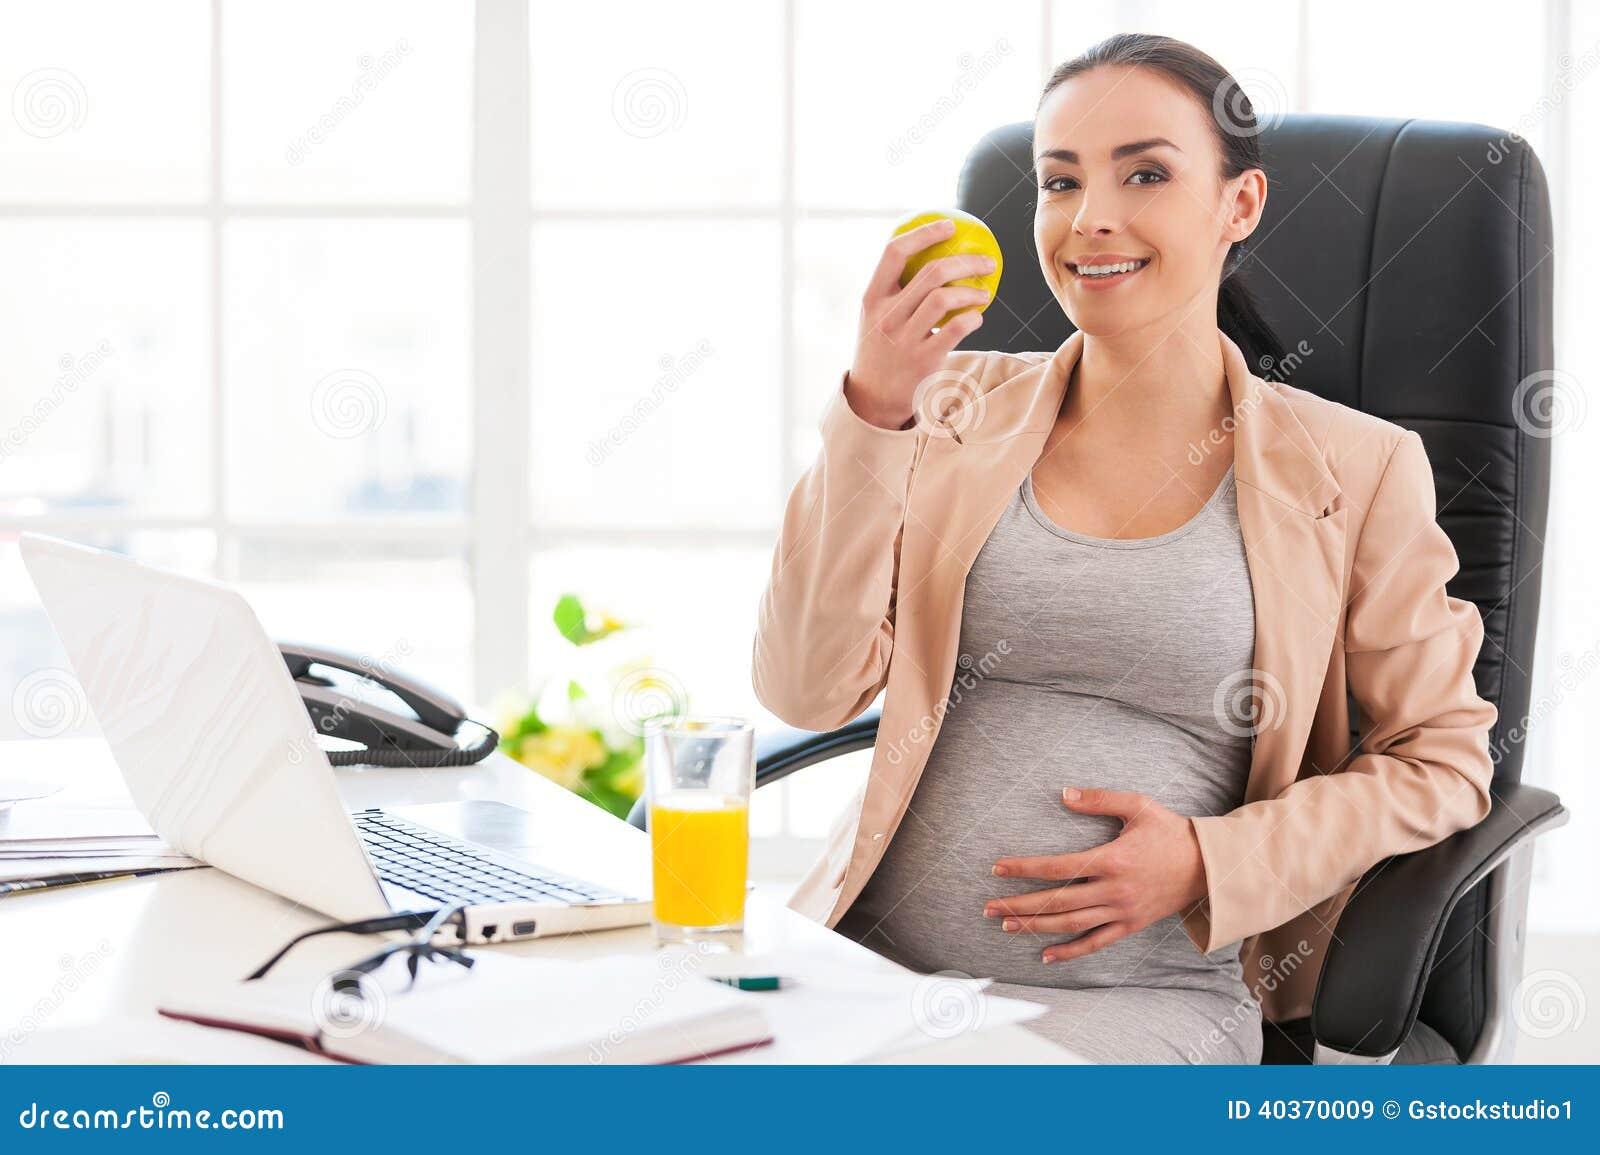 孕妇在办公室.